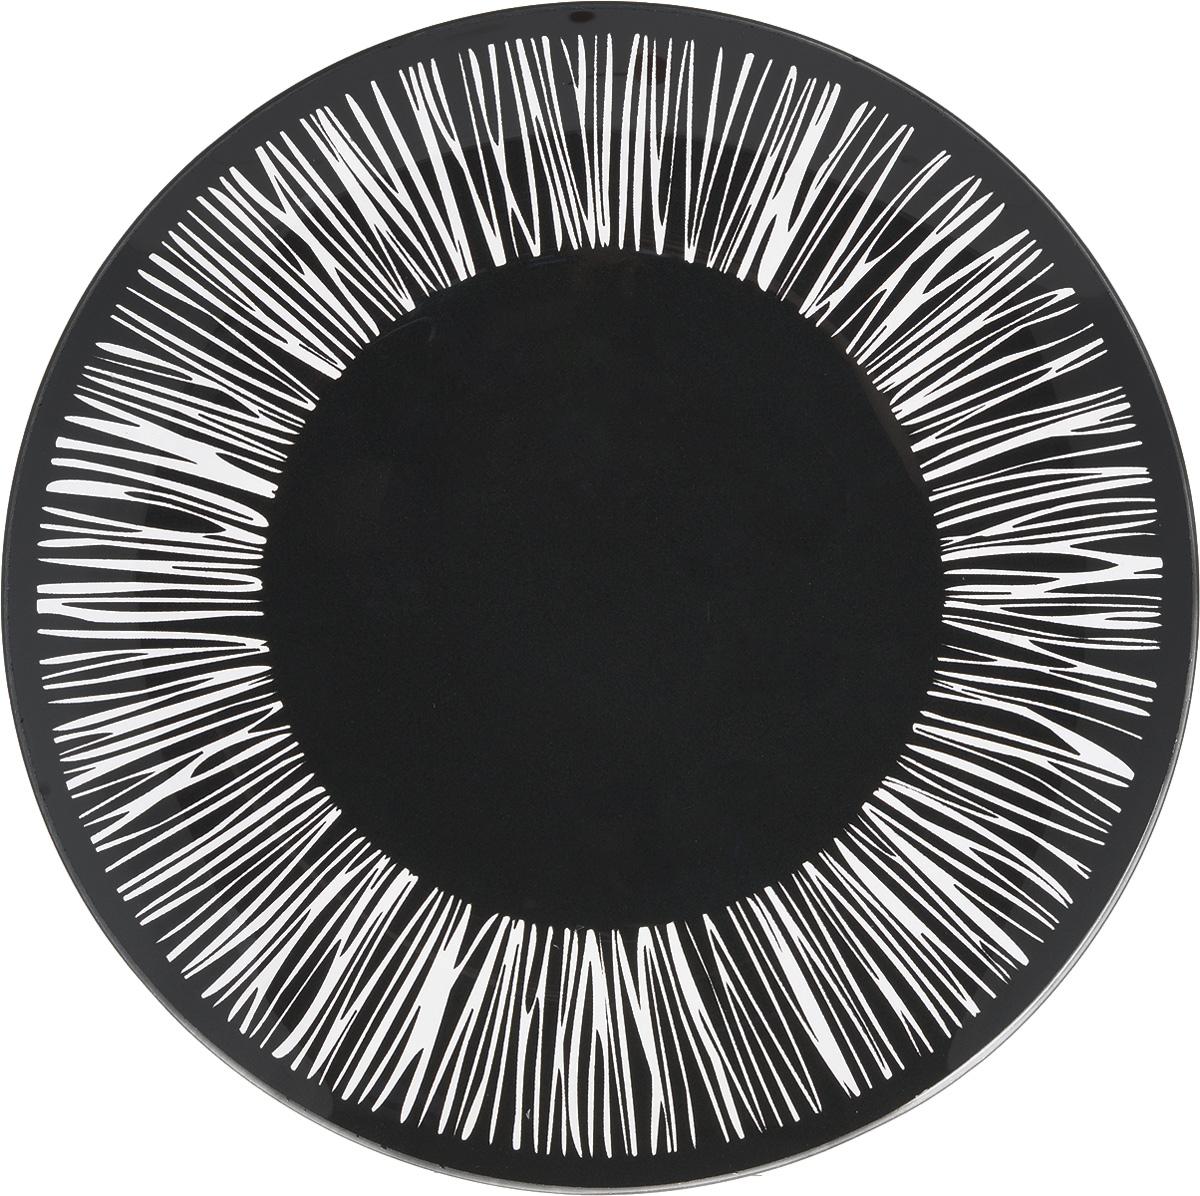 Тарелка NiNaGlass Витас, цвет: черный, диаметр 26 см85-260-016/чернТарелка NiNaGlass Витас изготовлена из высококачественного стекла. Изделие декорировано оригинальным дизайном. Такая тарелка отлично подойдет в качестве блюда, она идеальна для сервировки закусок, нарезок, горячих блюд. Тарелка прекрасно дополнит сервировку стола и порадует вас оригинальным дизайном. Диаметр тарелки: 26 см. Высота тарелки: 2,5 см.